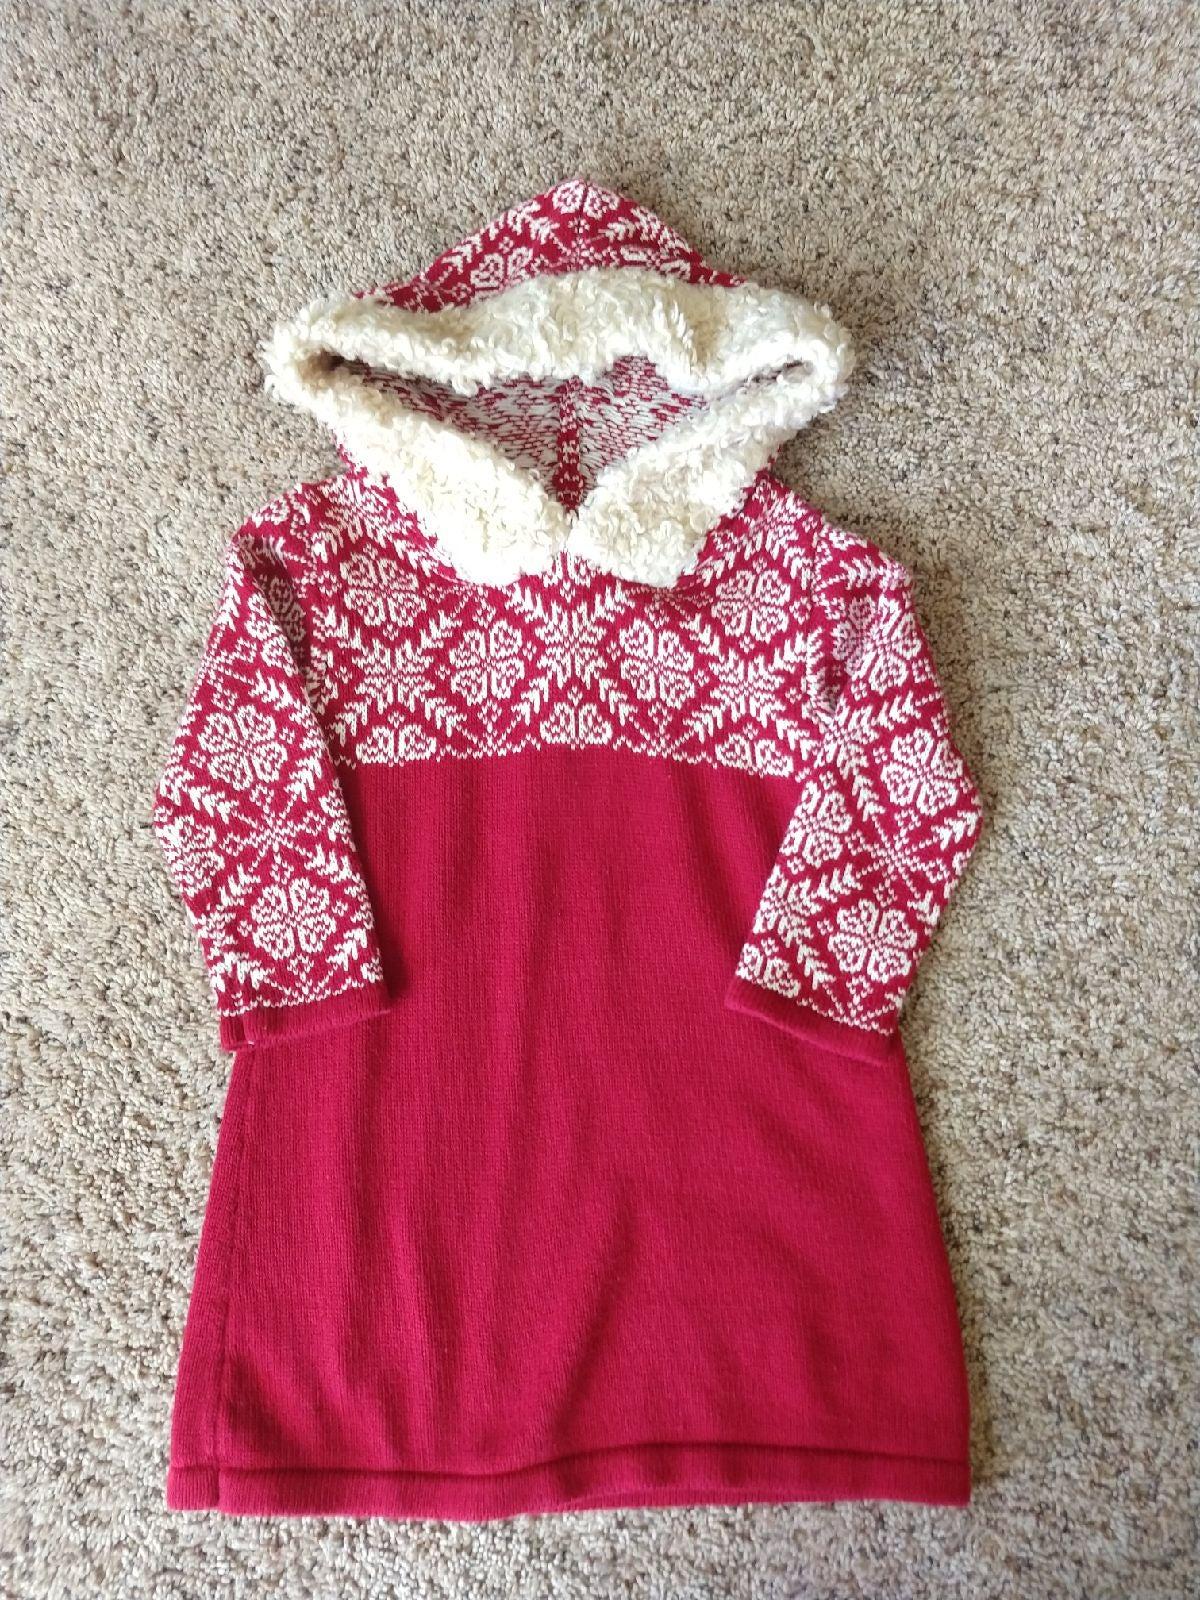 LL Bean Girls Sweater Dress size 2T